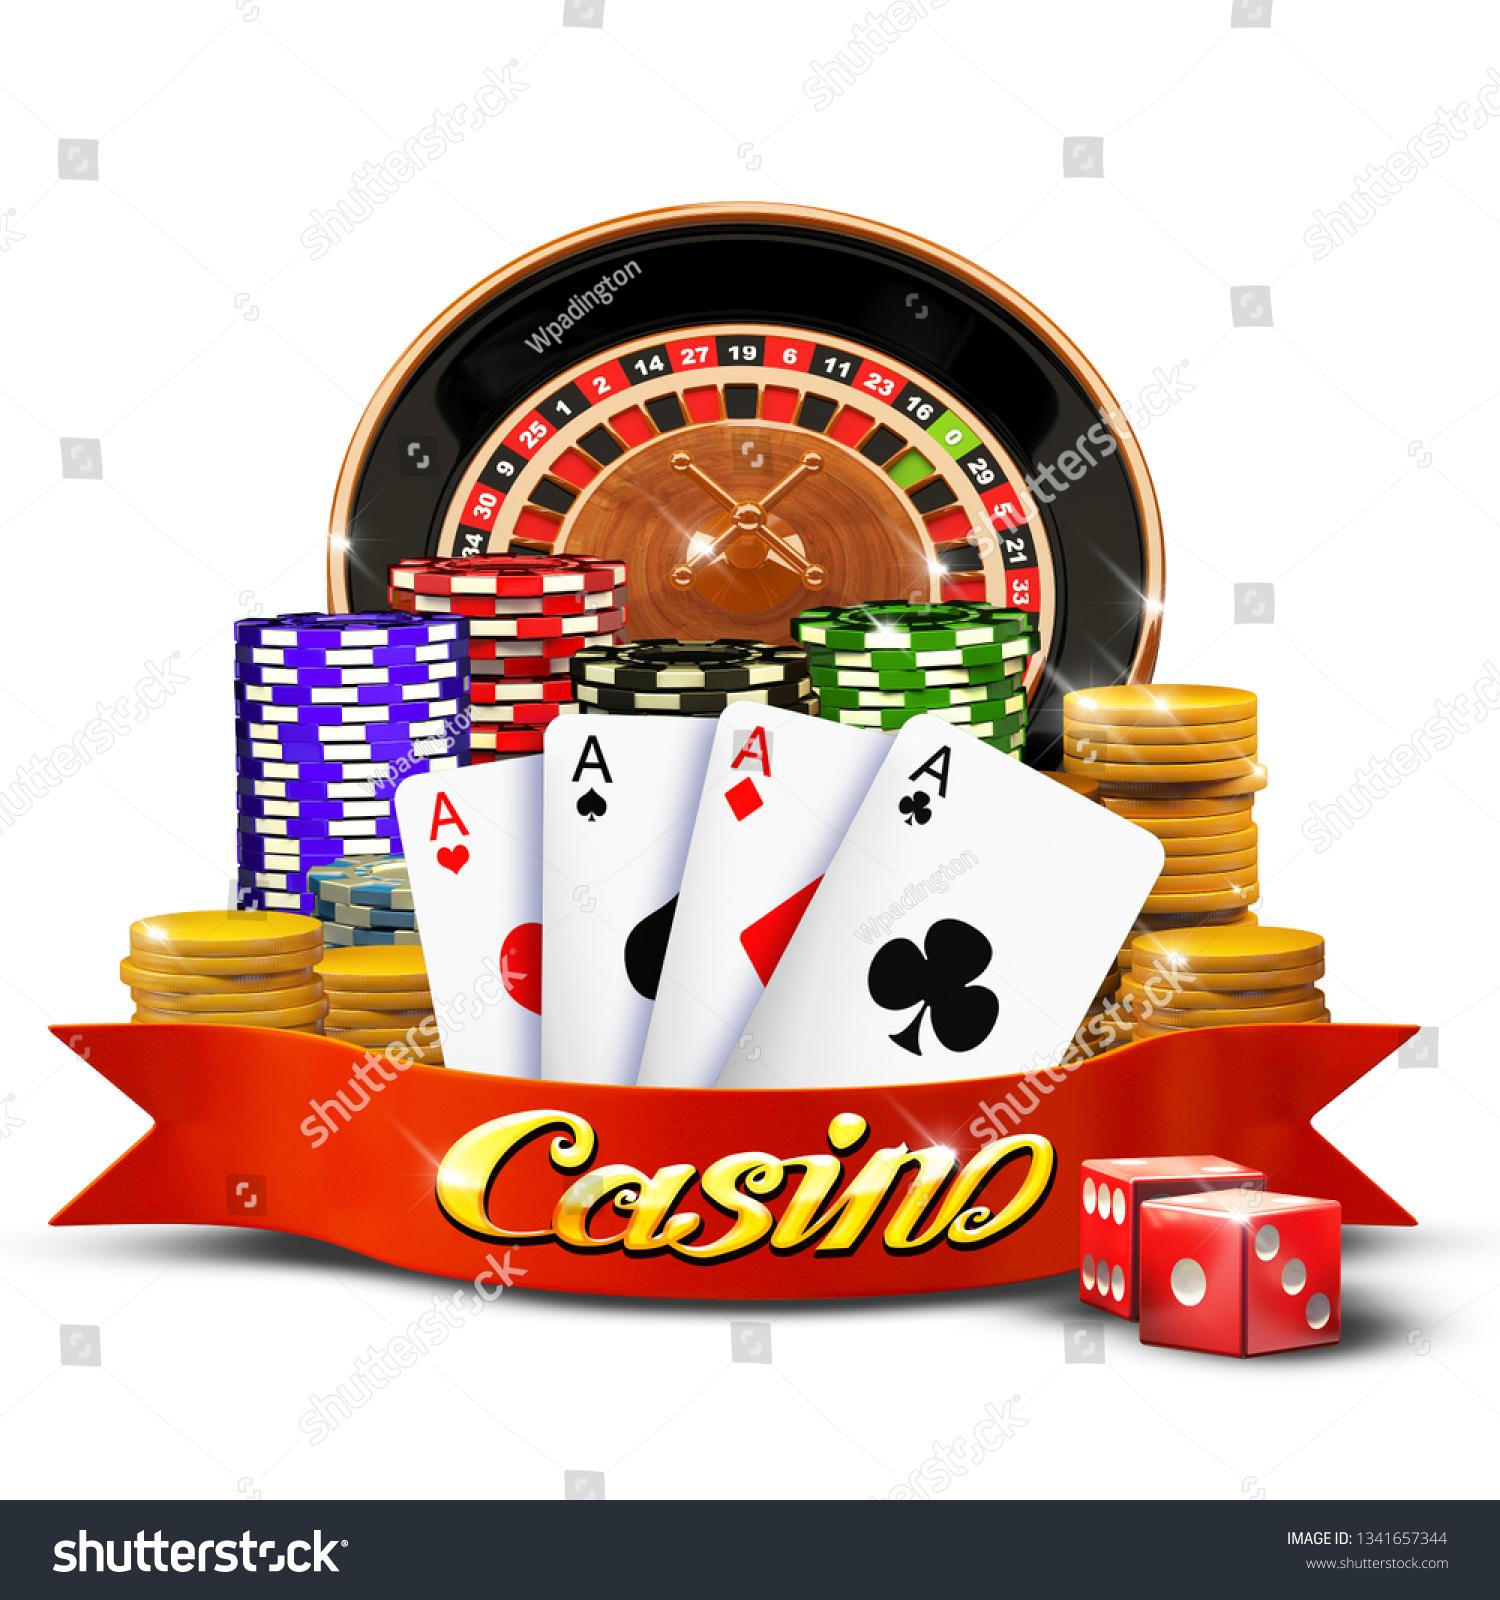 Mobile Casino Background Poker Online Application Stock Illustration 1341657344